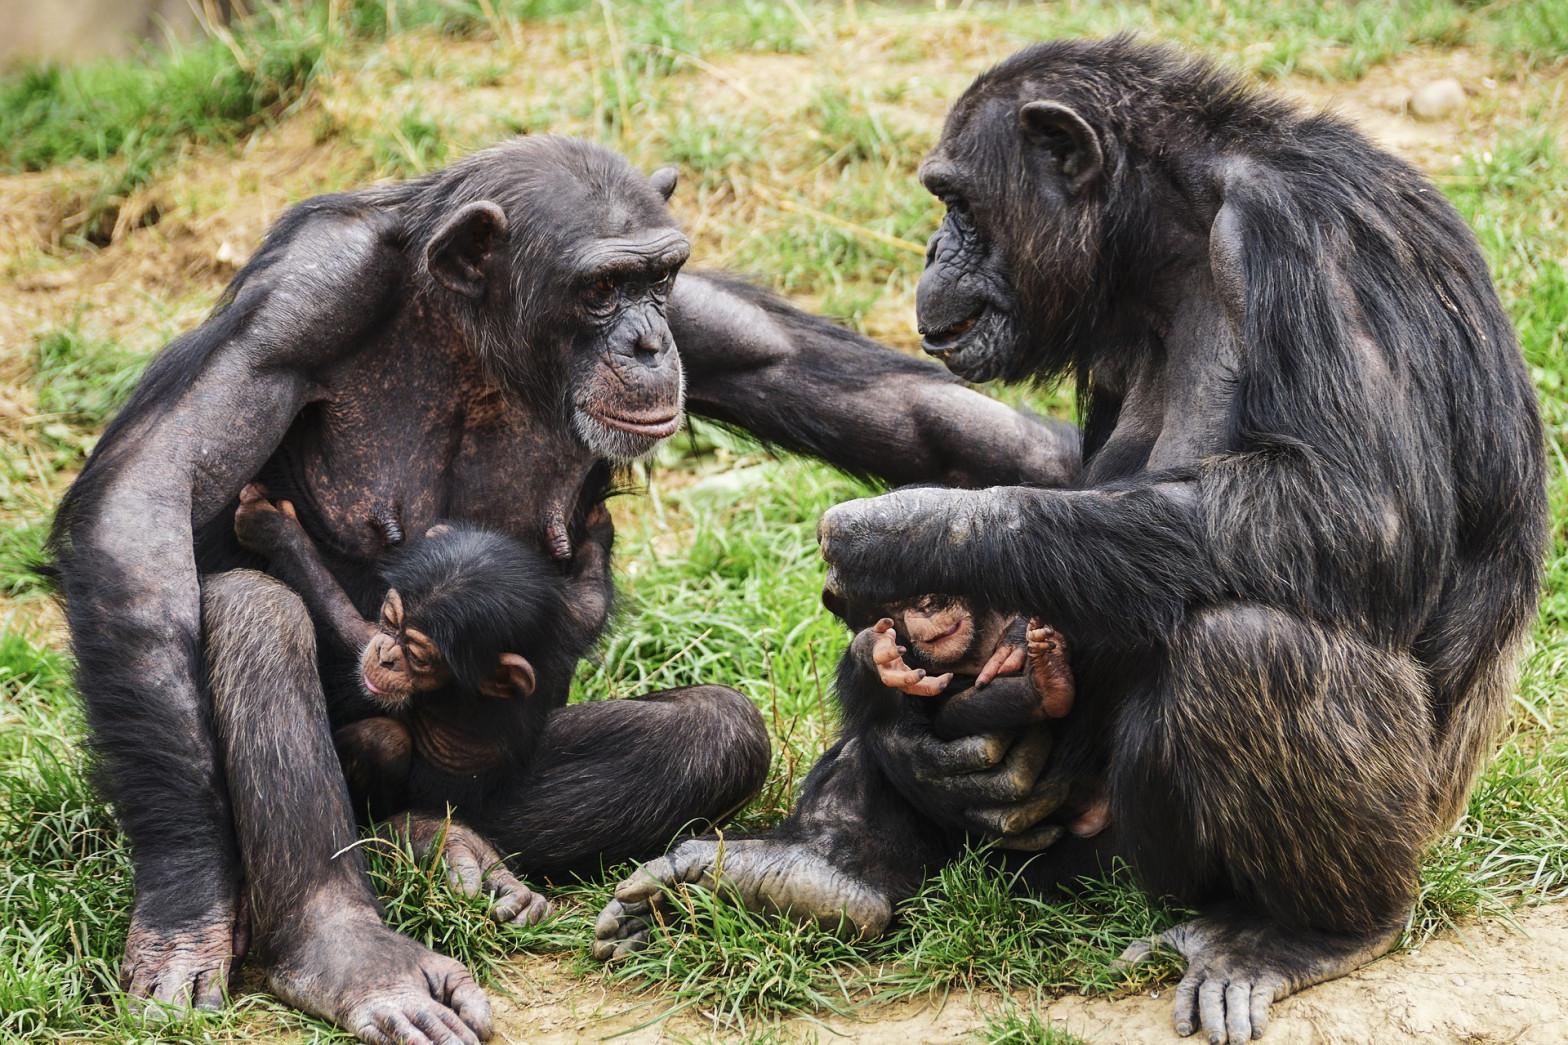 Los chimpancés también se unen frente al enemigo exterior